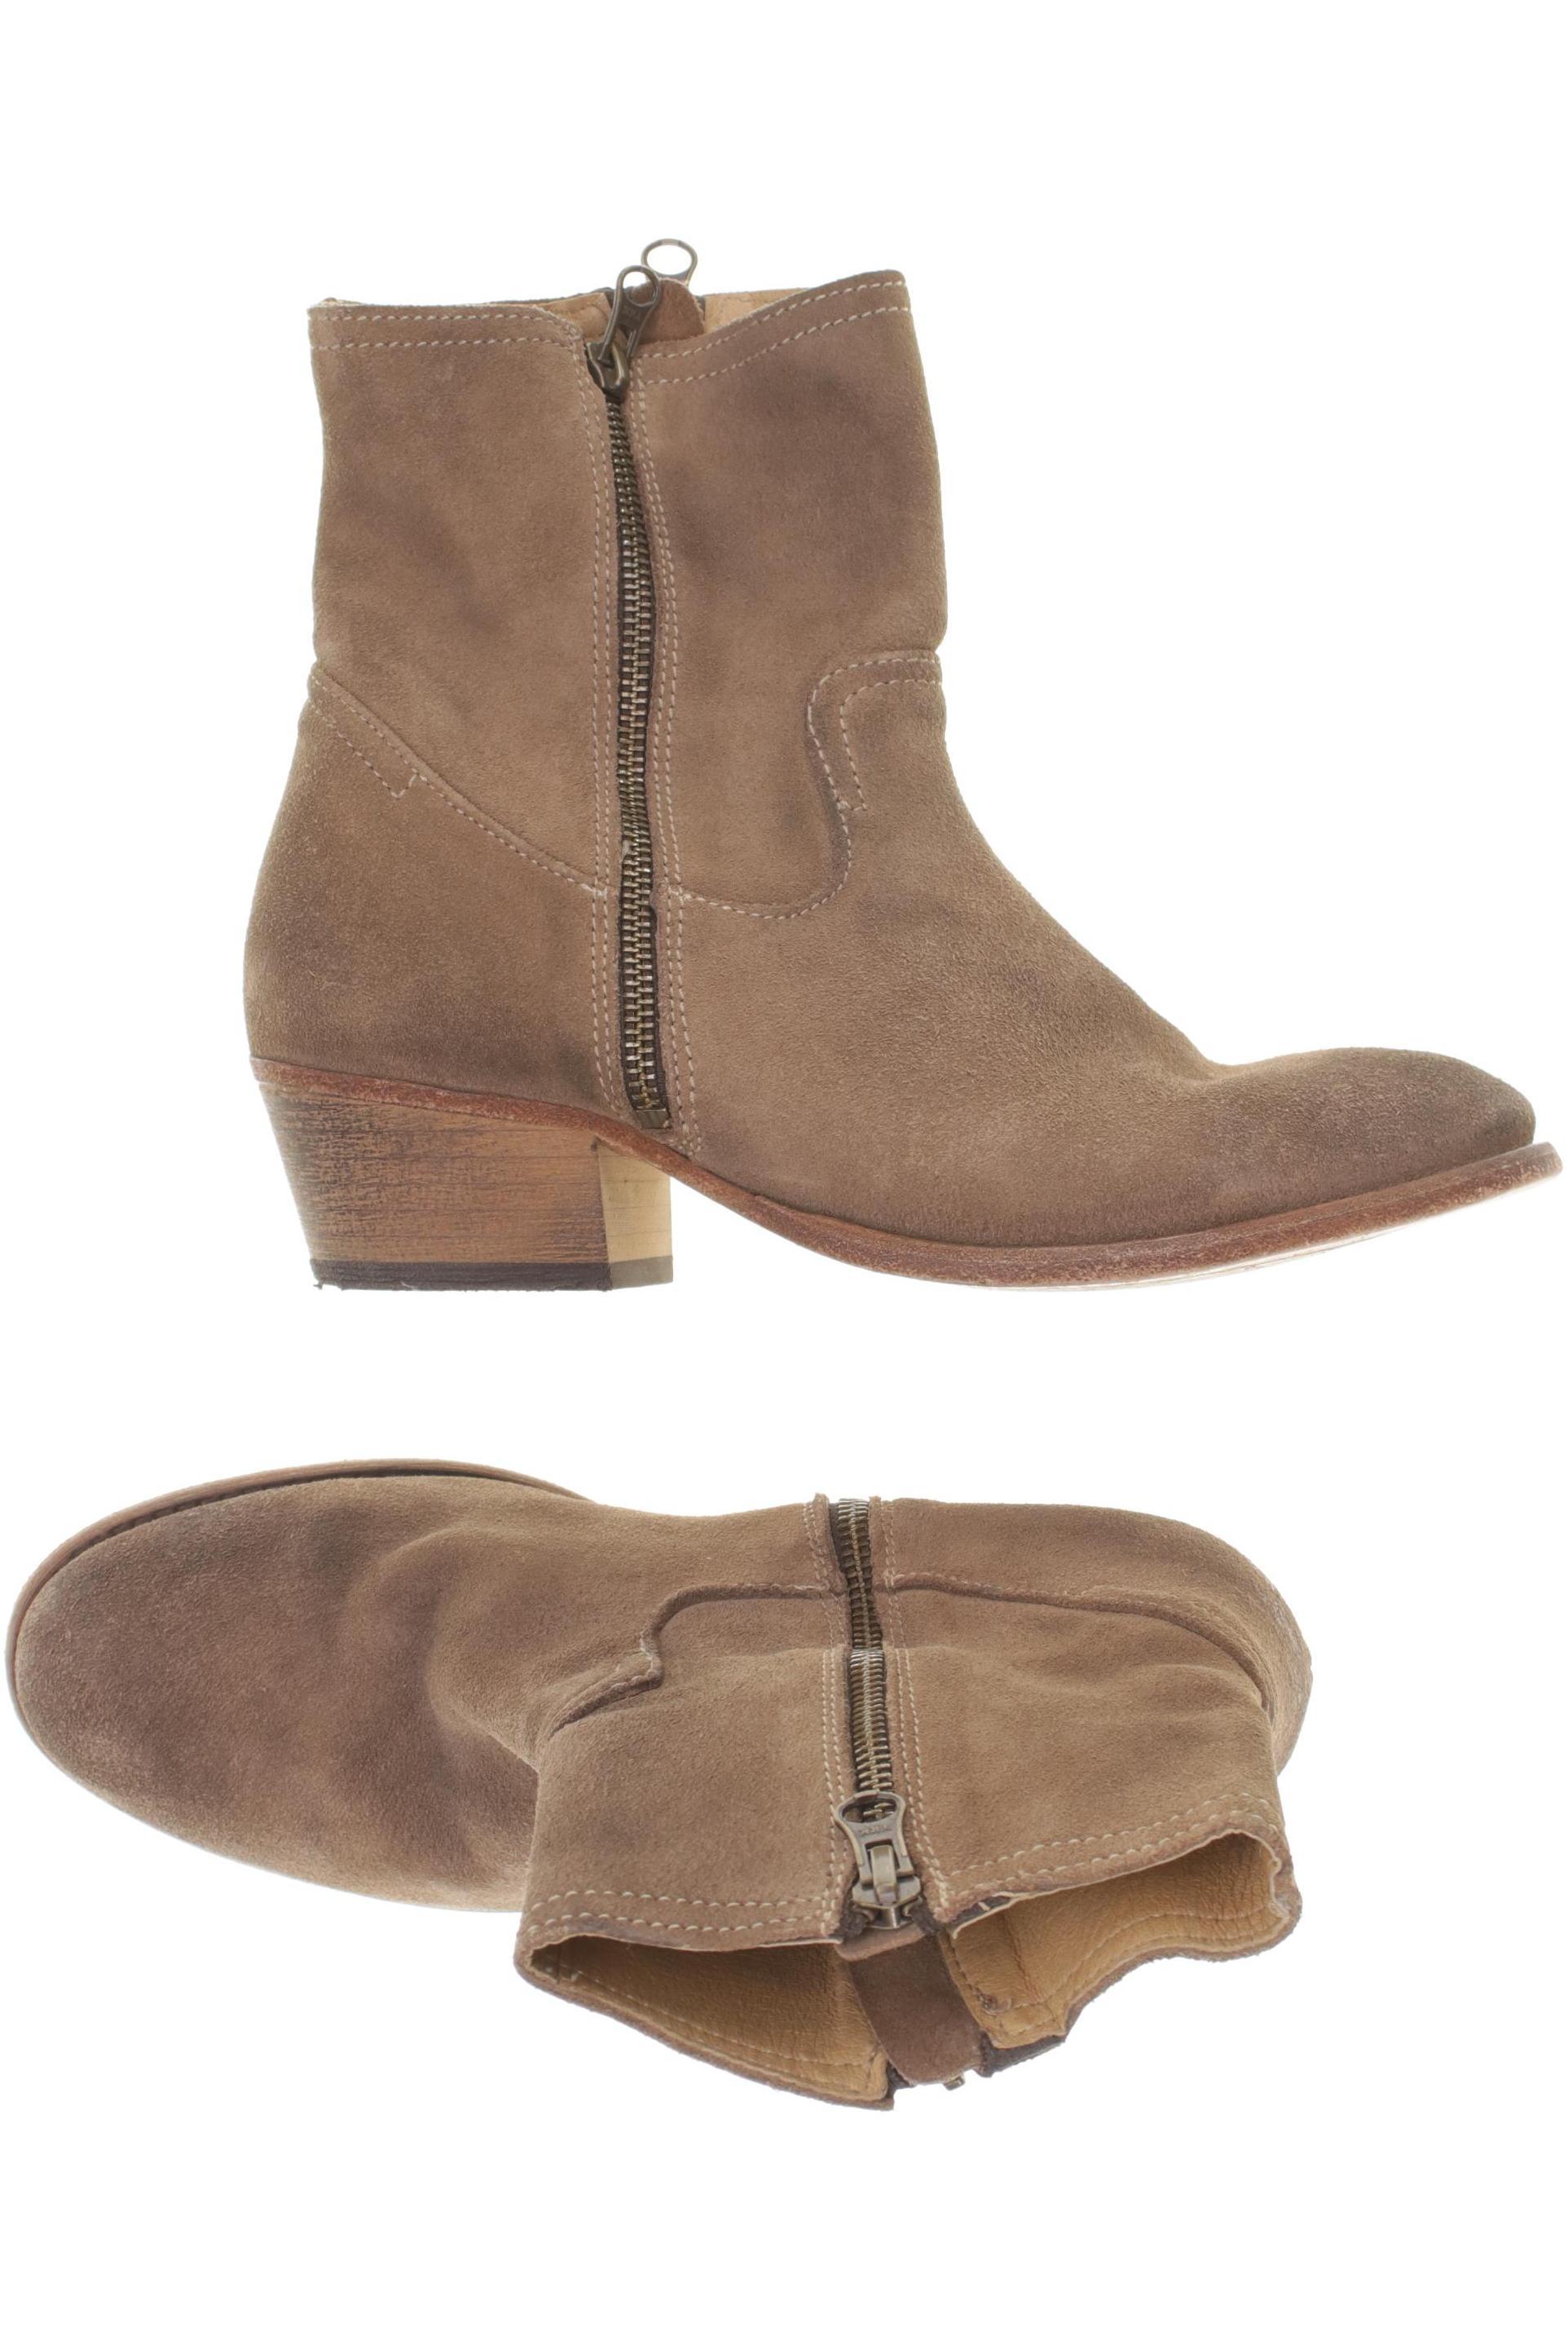 RIEKER STIEFELETTE DAMEN Ankle Boots Booties Gr. DE 40